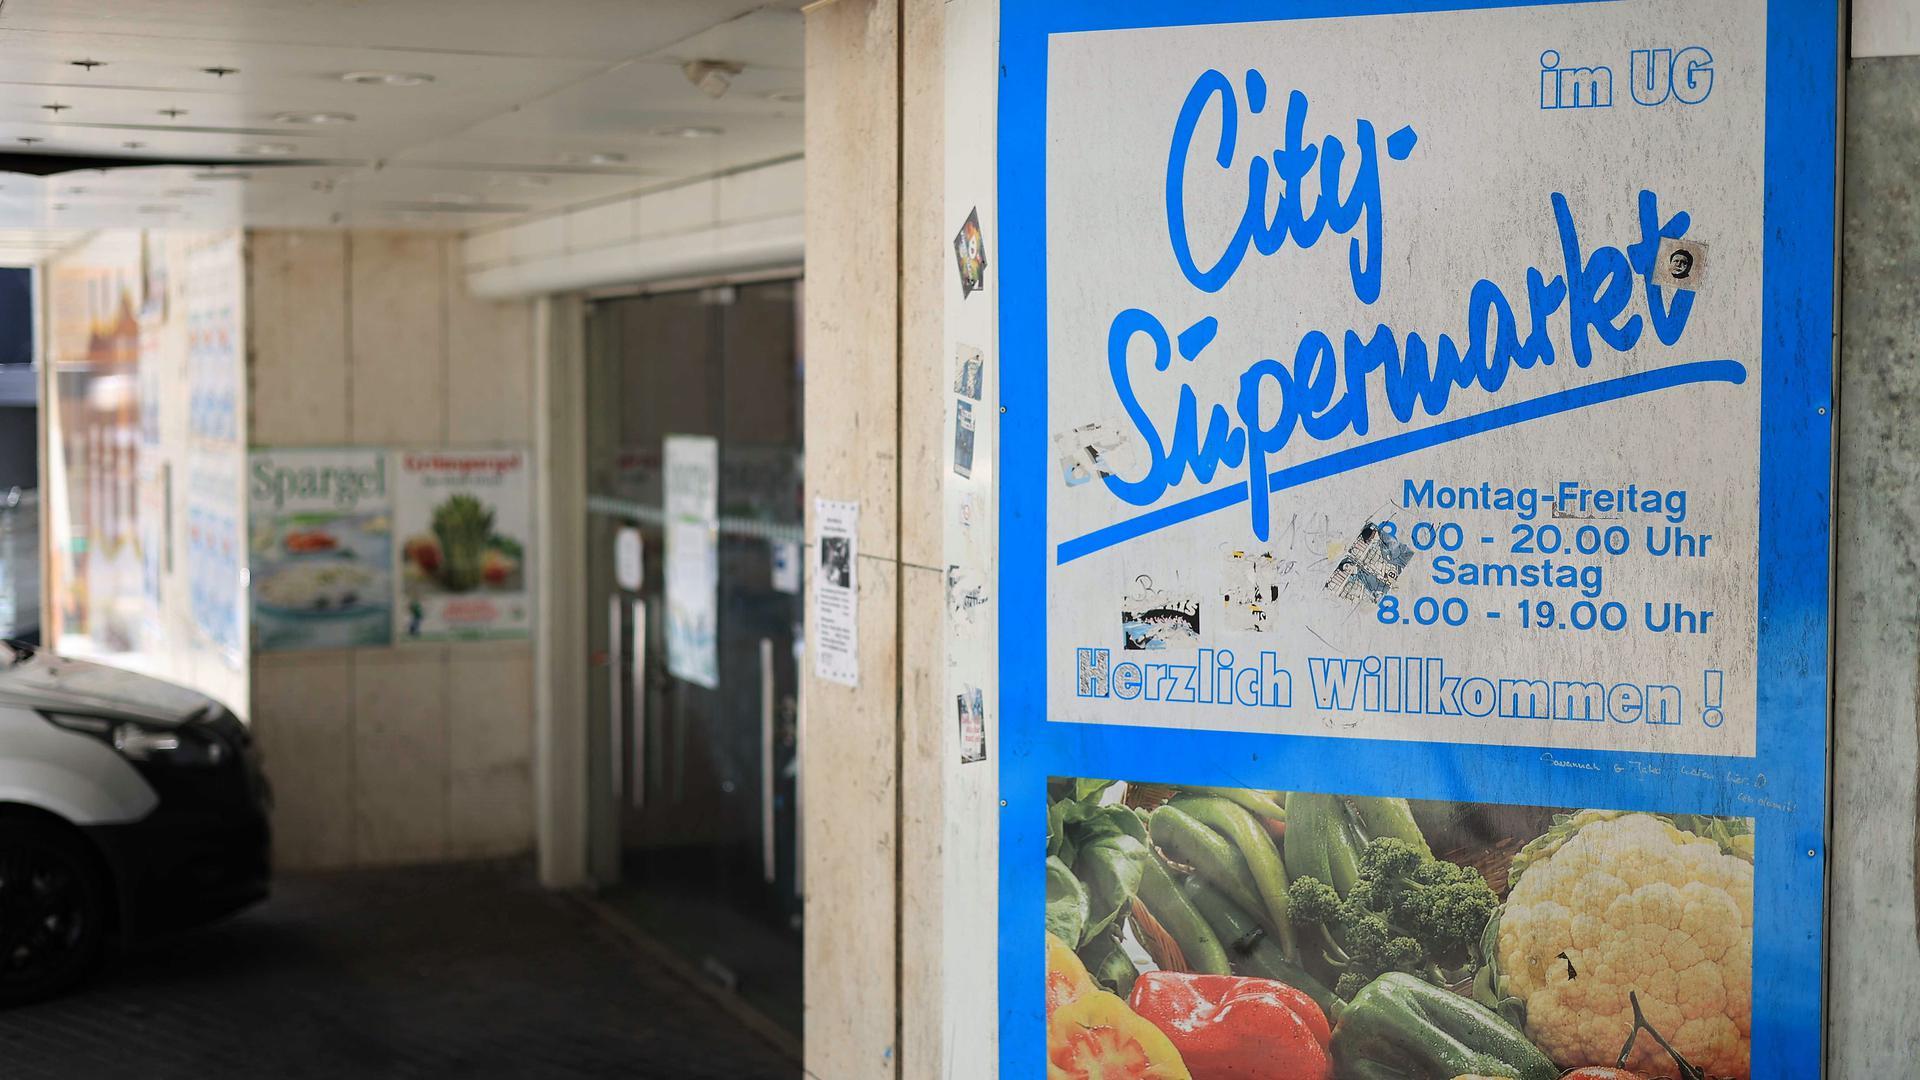 Siff in der City: Der Eingangsbereich des ehemaligen Sinn-Leffers-Gebäude wirkt wenig einladend.